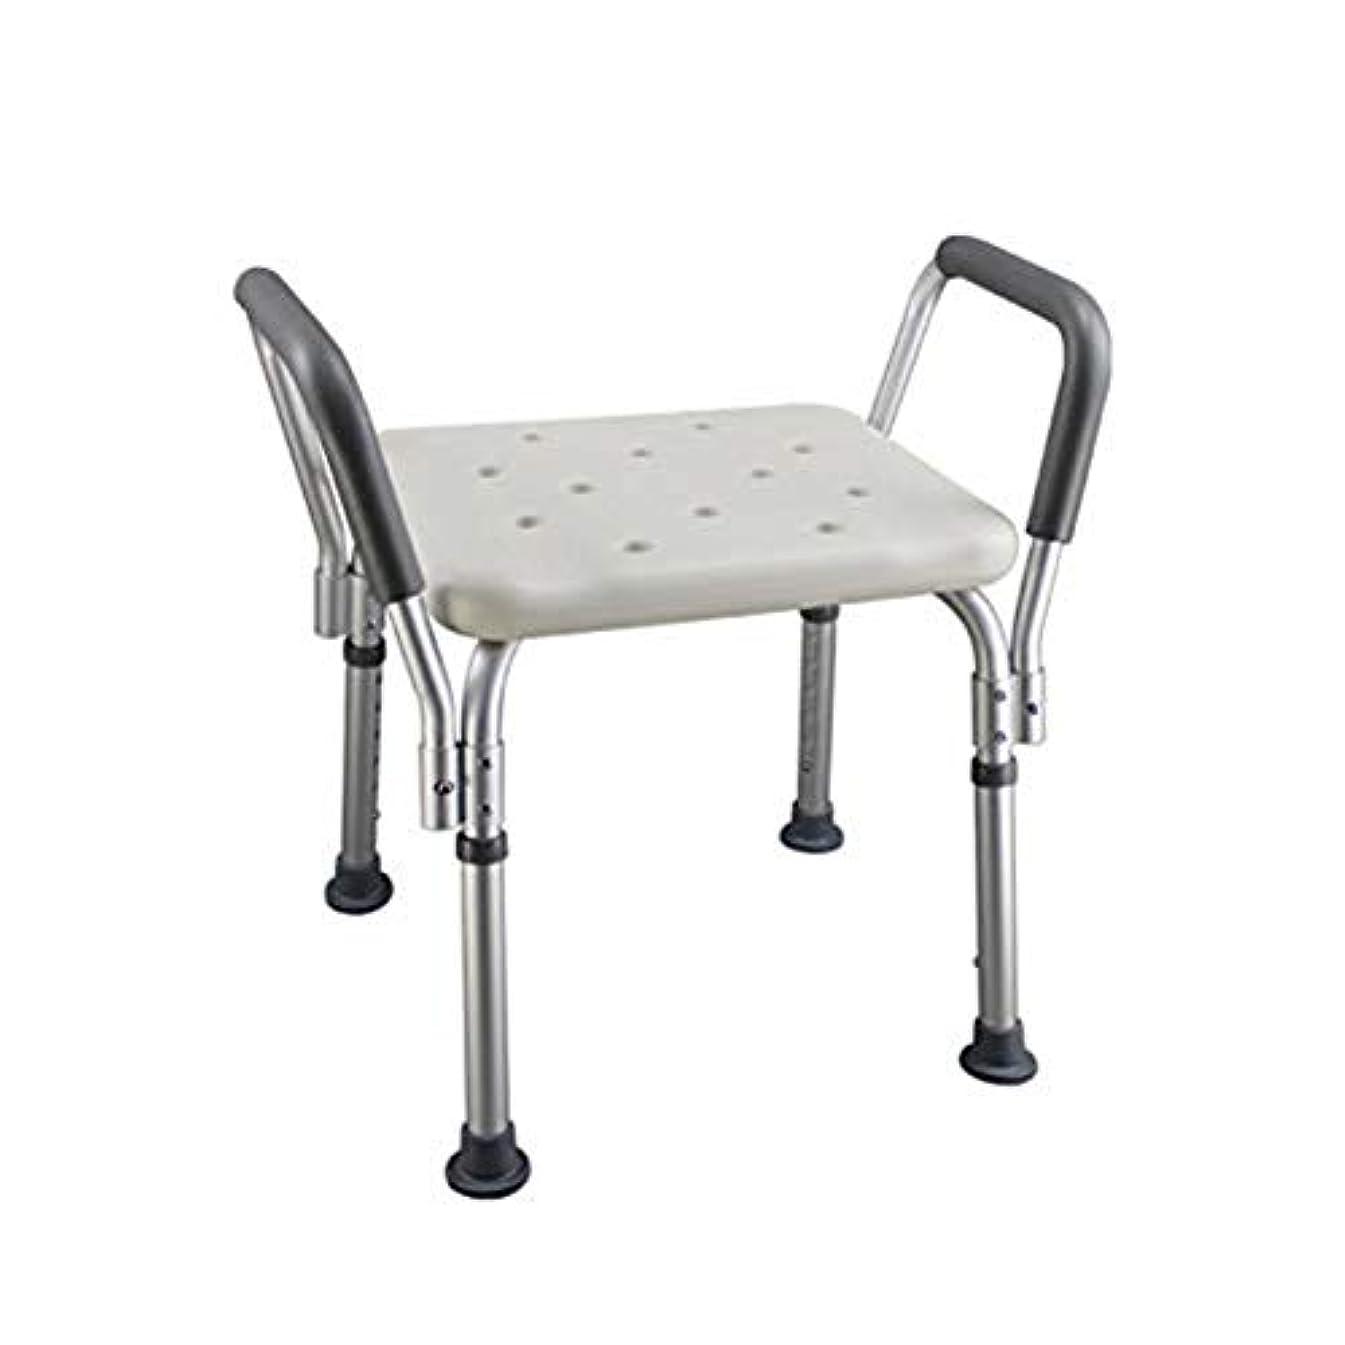 怪物不実アルミニウムトイレチェアハンディキャップ用折りたたみ椅子